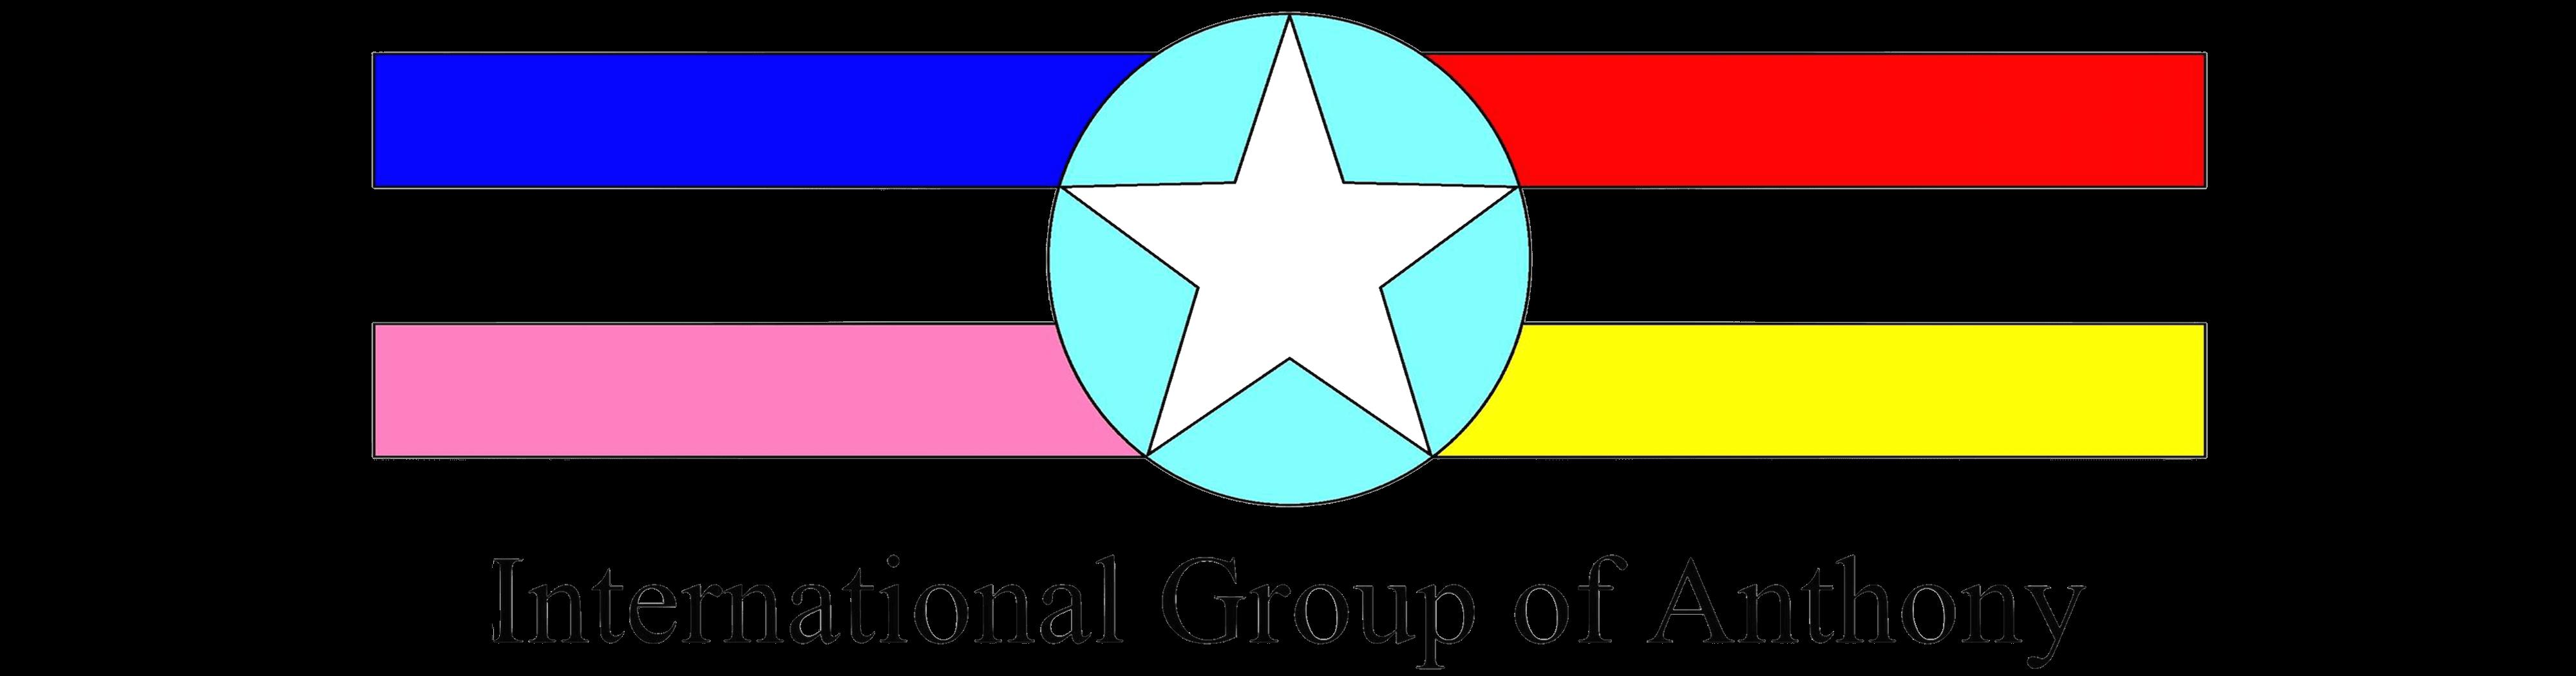 International Group of Anthony